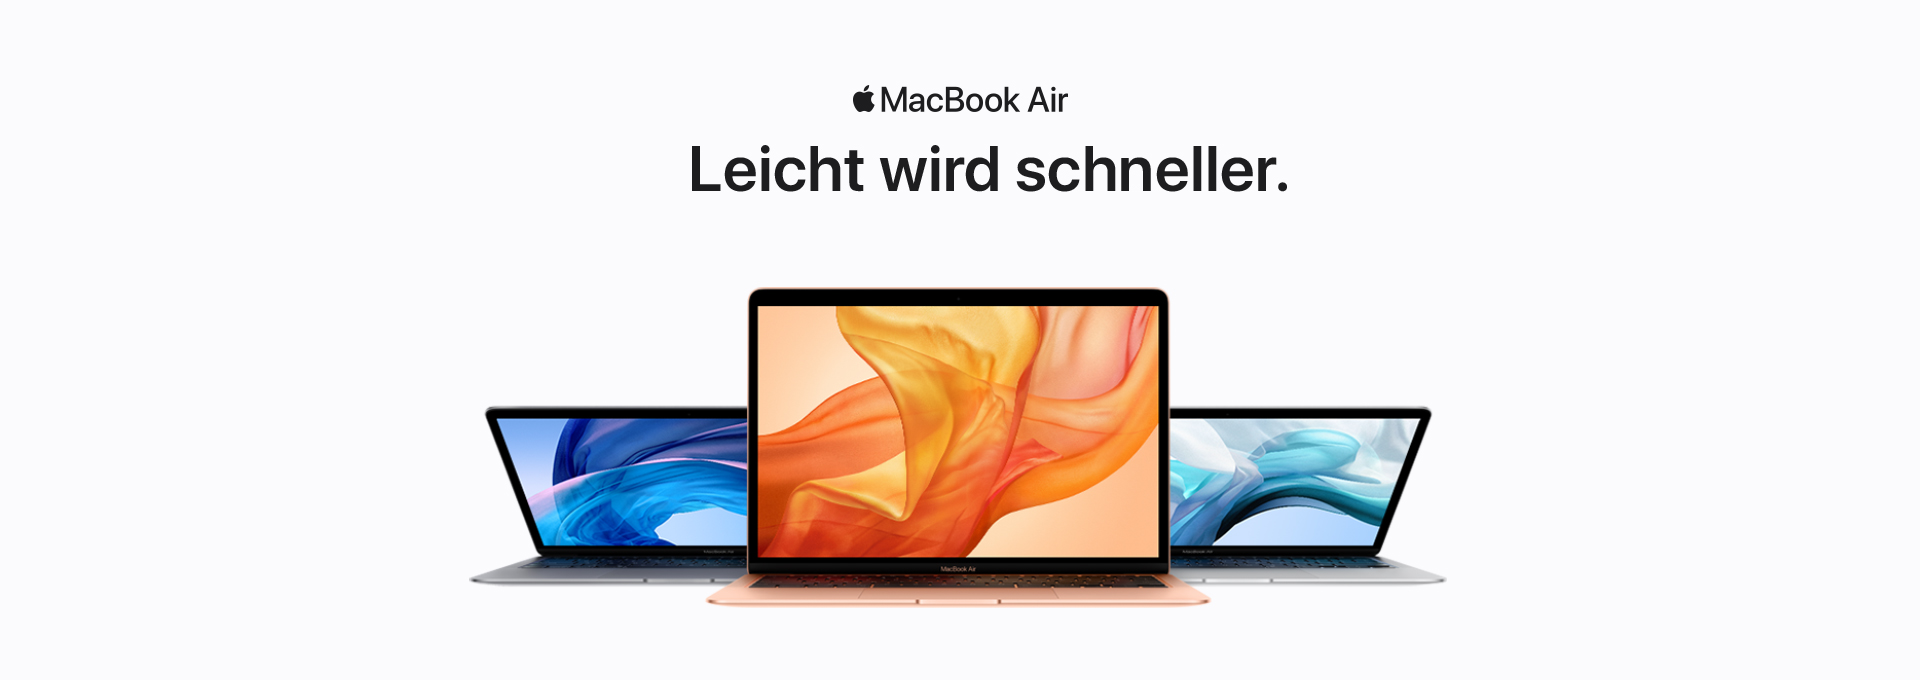 Jetzt Apple MacBook Air kaufen